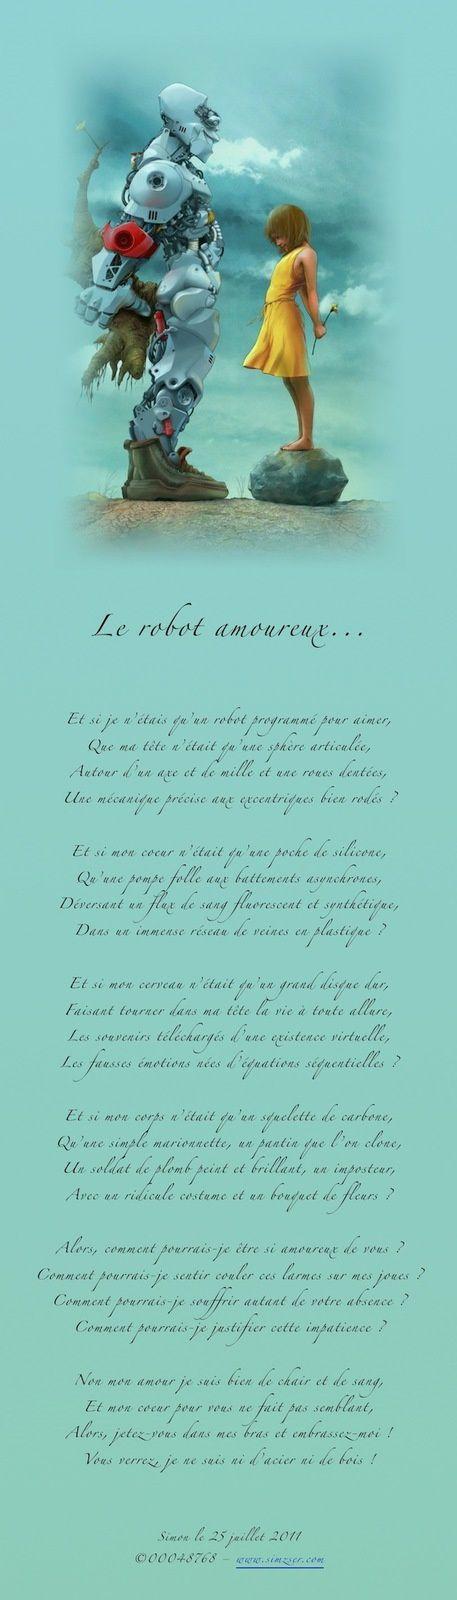 Le robot amoureux...